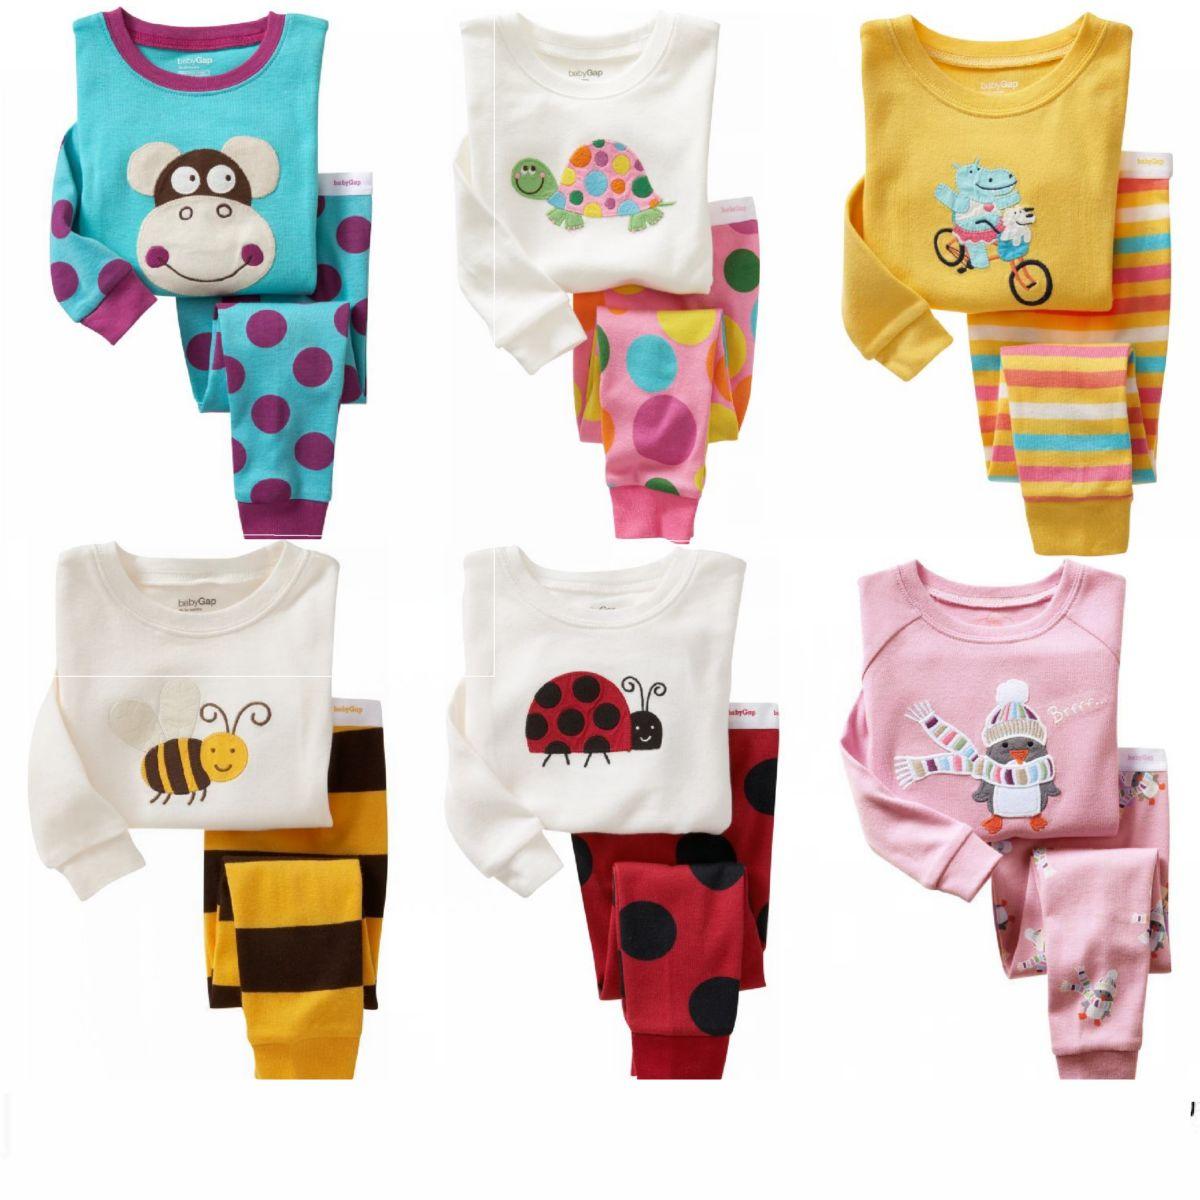 Младенческая и детская белье костюм лайкры длинные рукав детское осень мальчиков Одежда хлопка пижамы для девочек падение одежды GAP